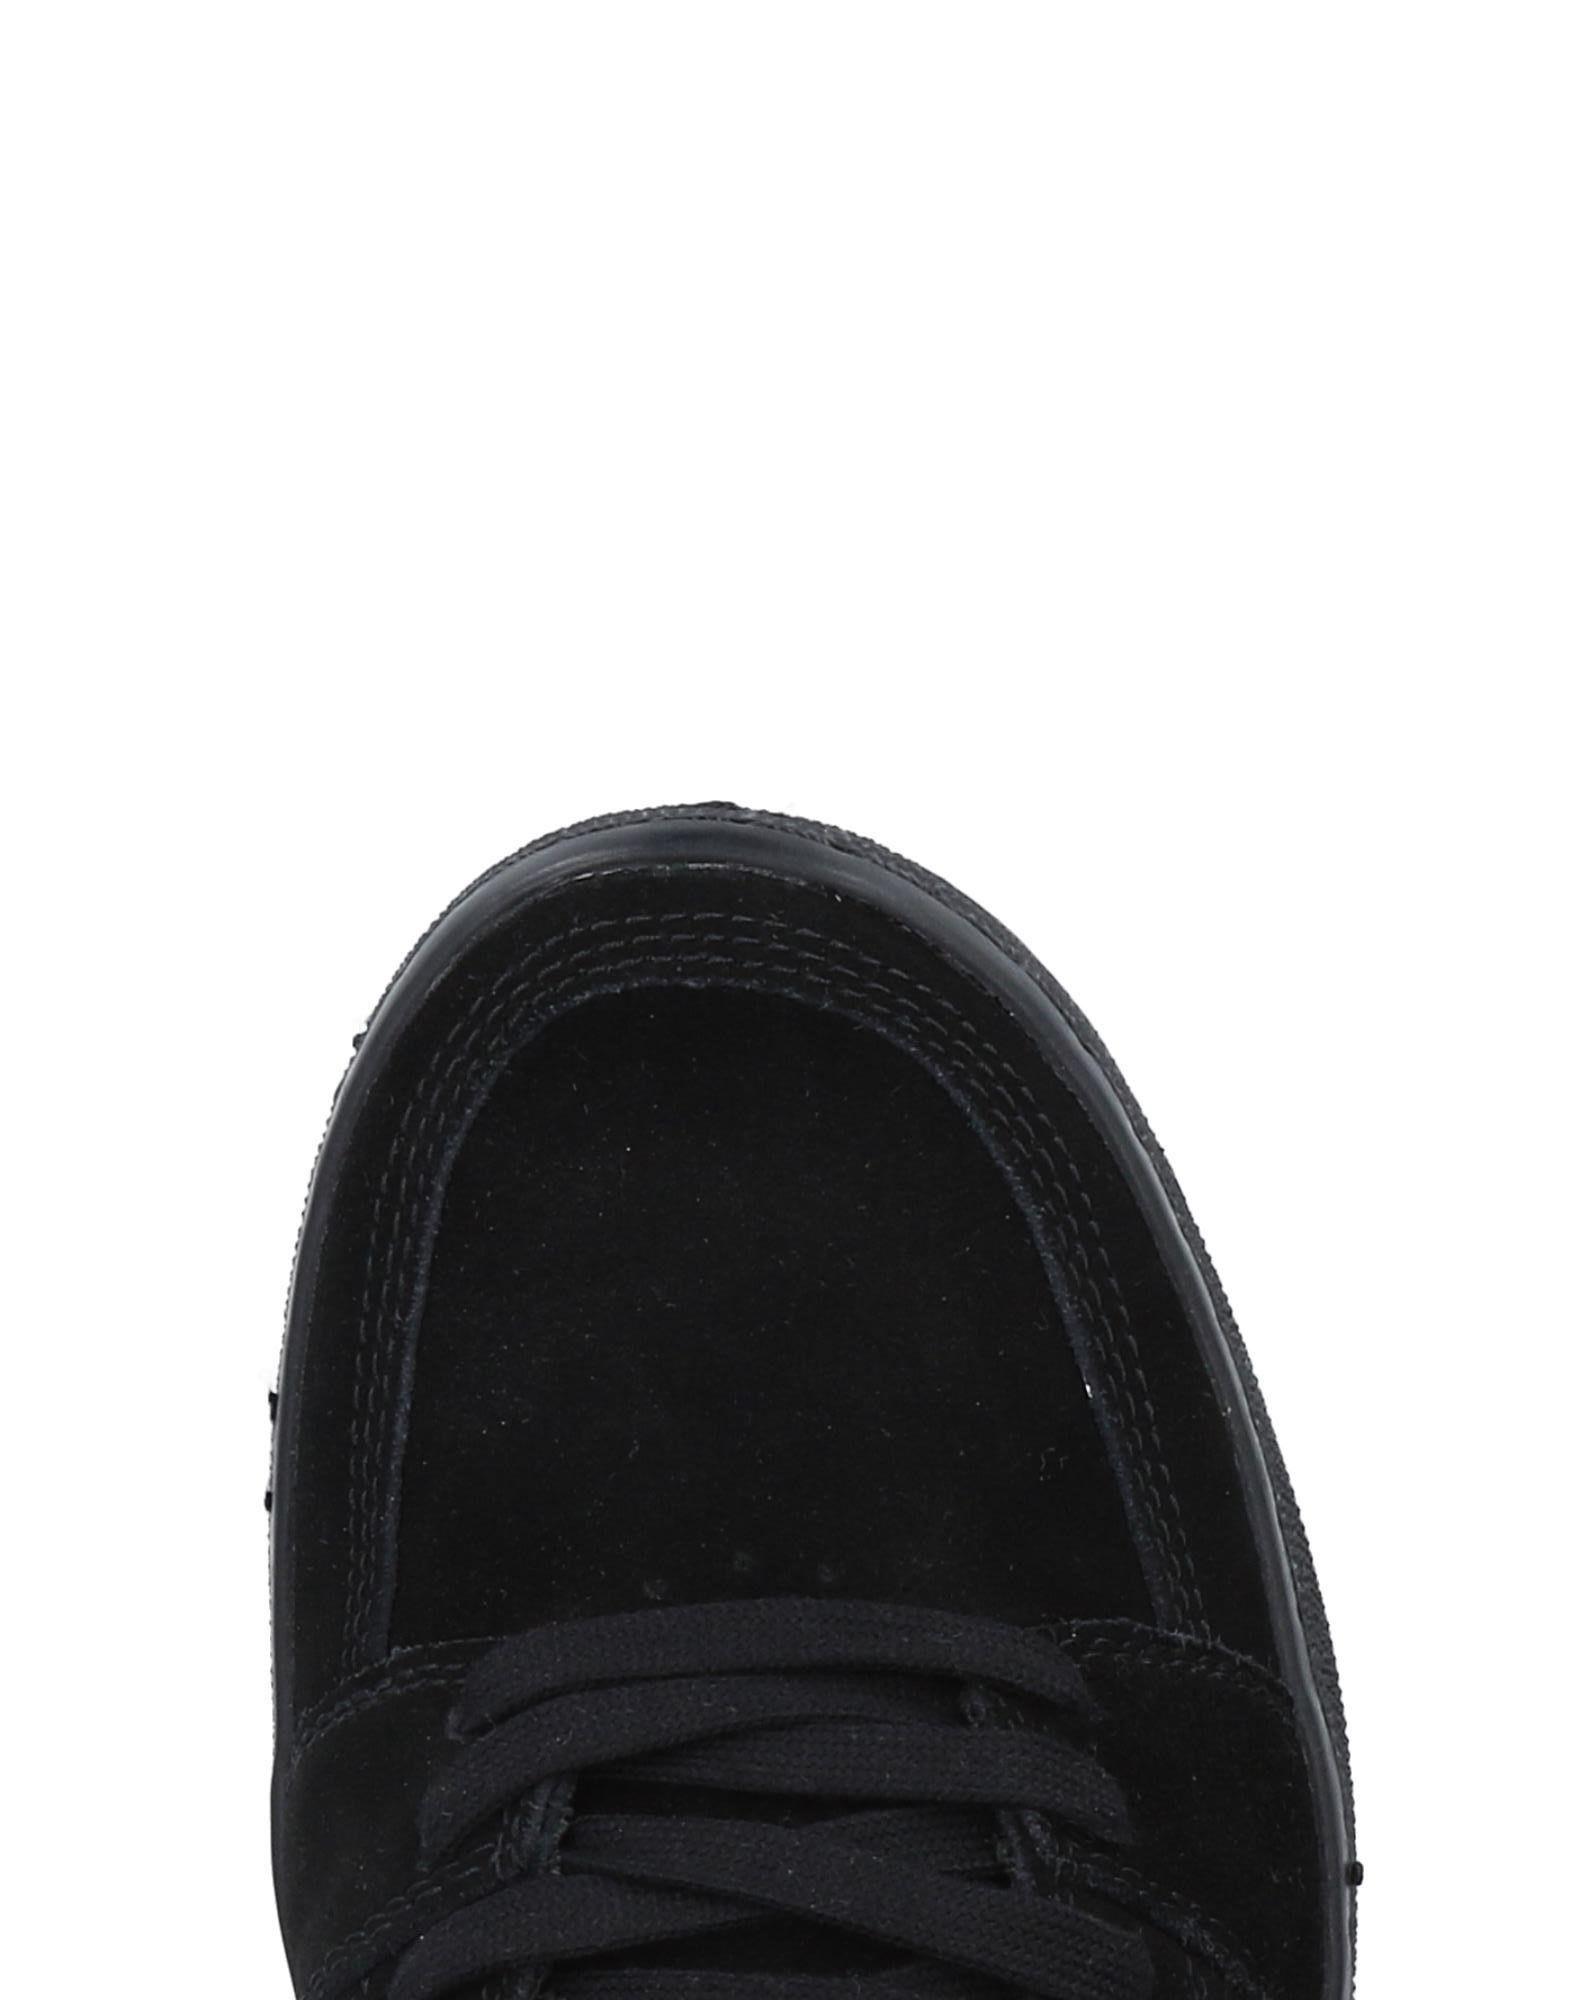 Rabatt echte Schuhe Herren Vans Sneakers Herren Schuhe  11462112QX 328029